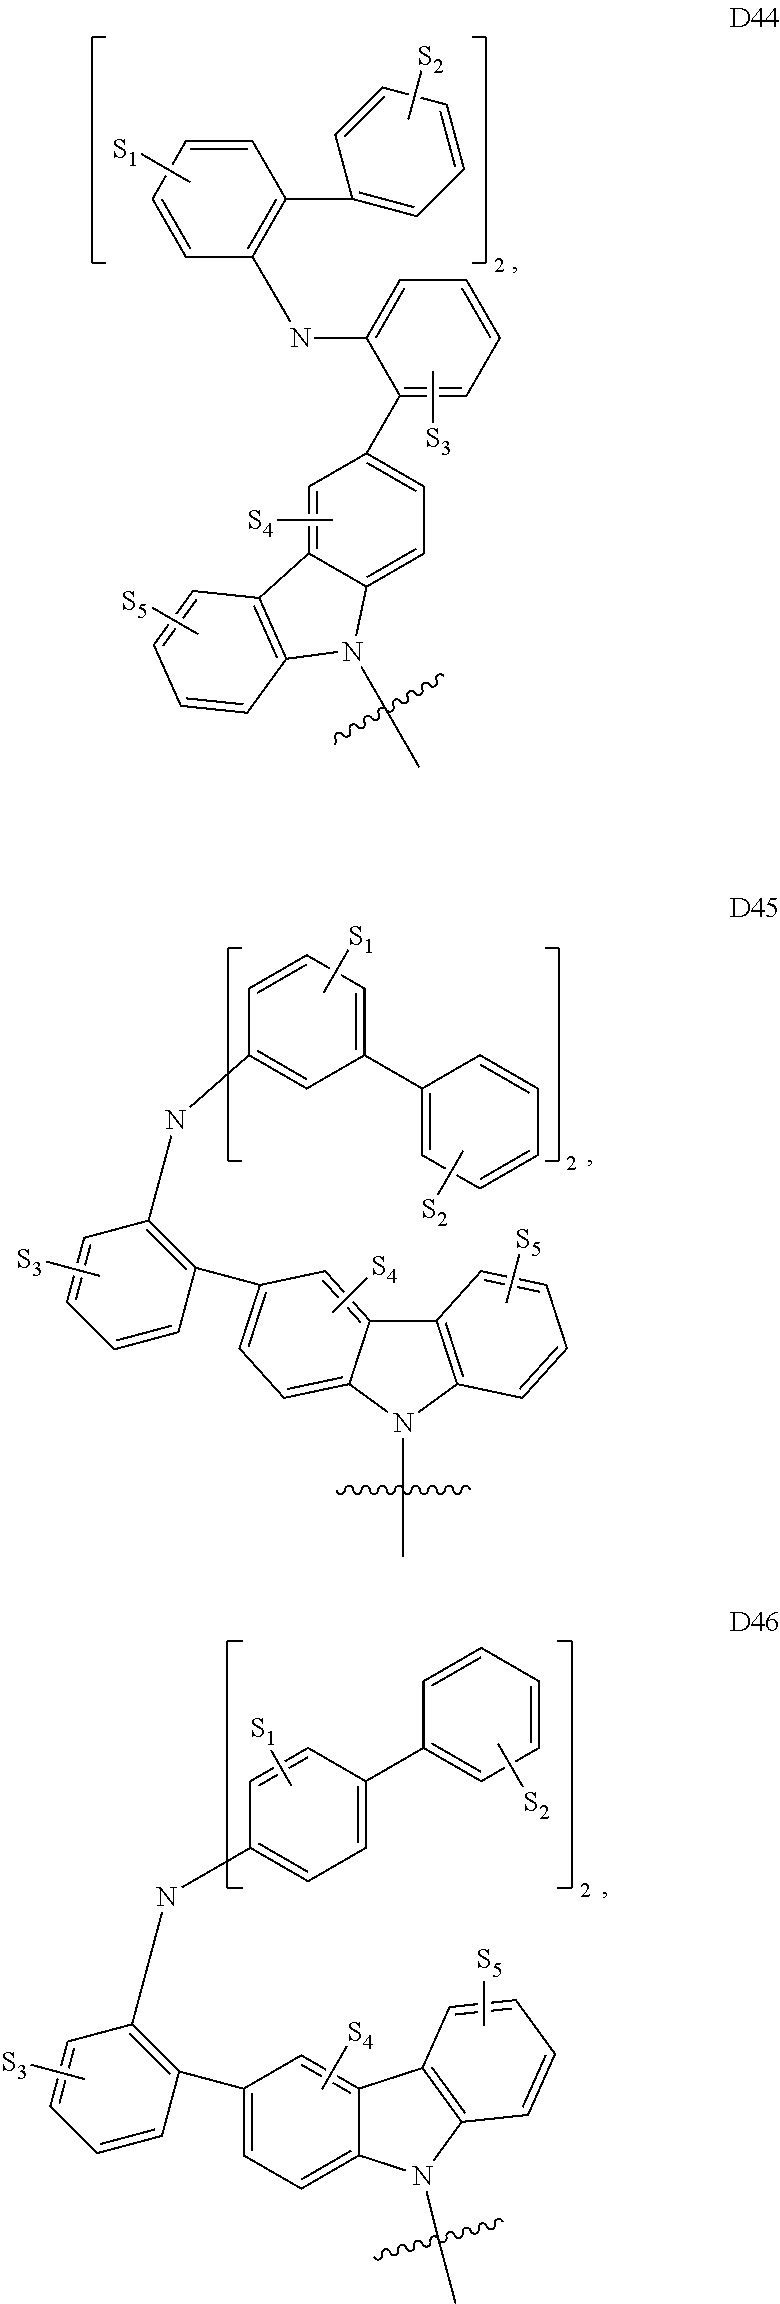 Figure US09537106-20170103-C00022